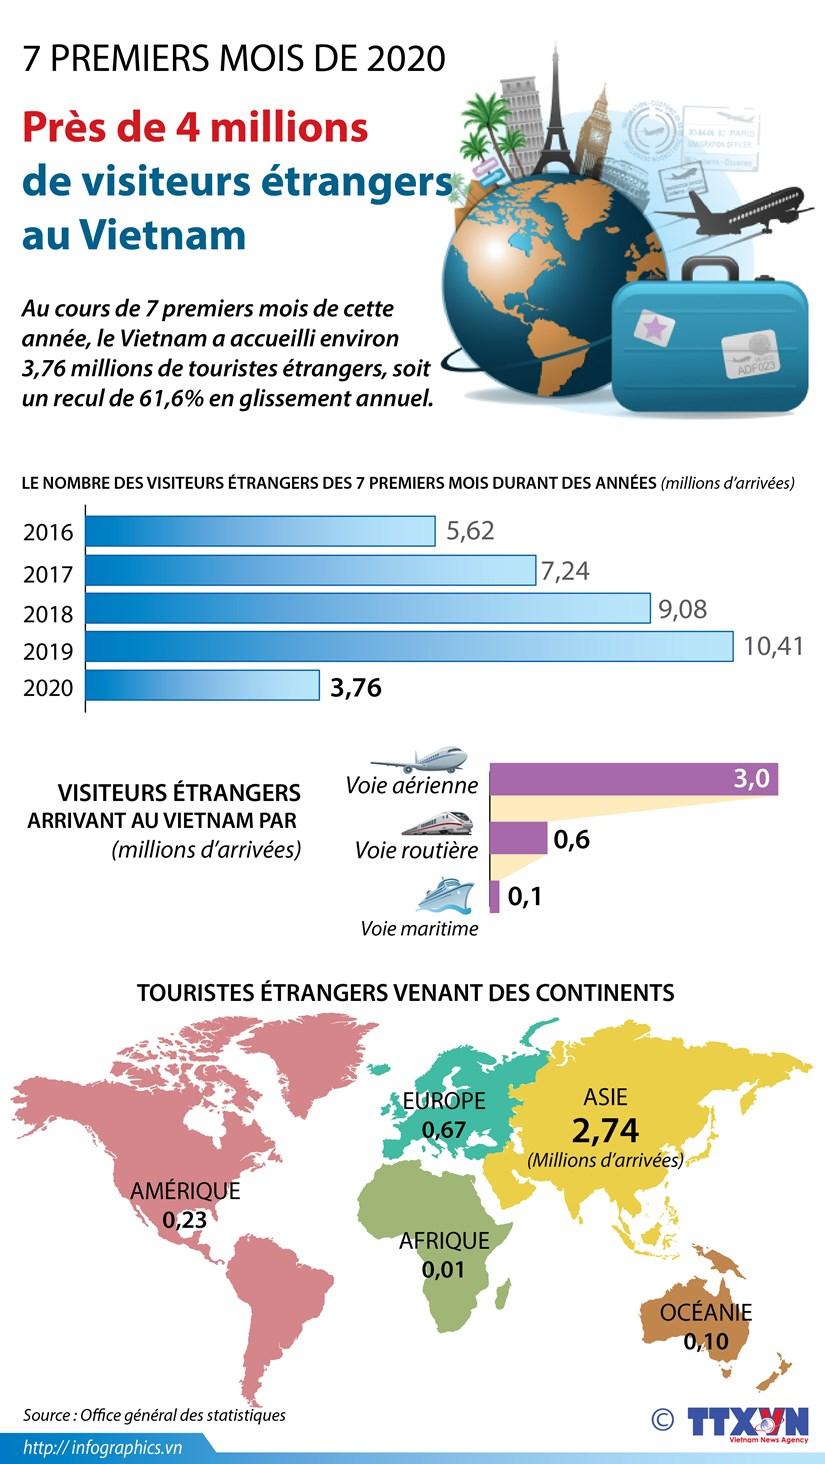 Pres de 4 millions de visiteurs etrangers au Vietnam en 7 mois hinh anh 1